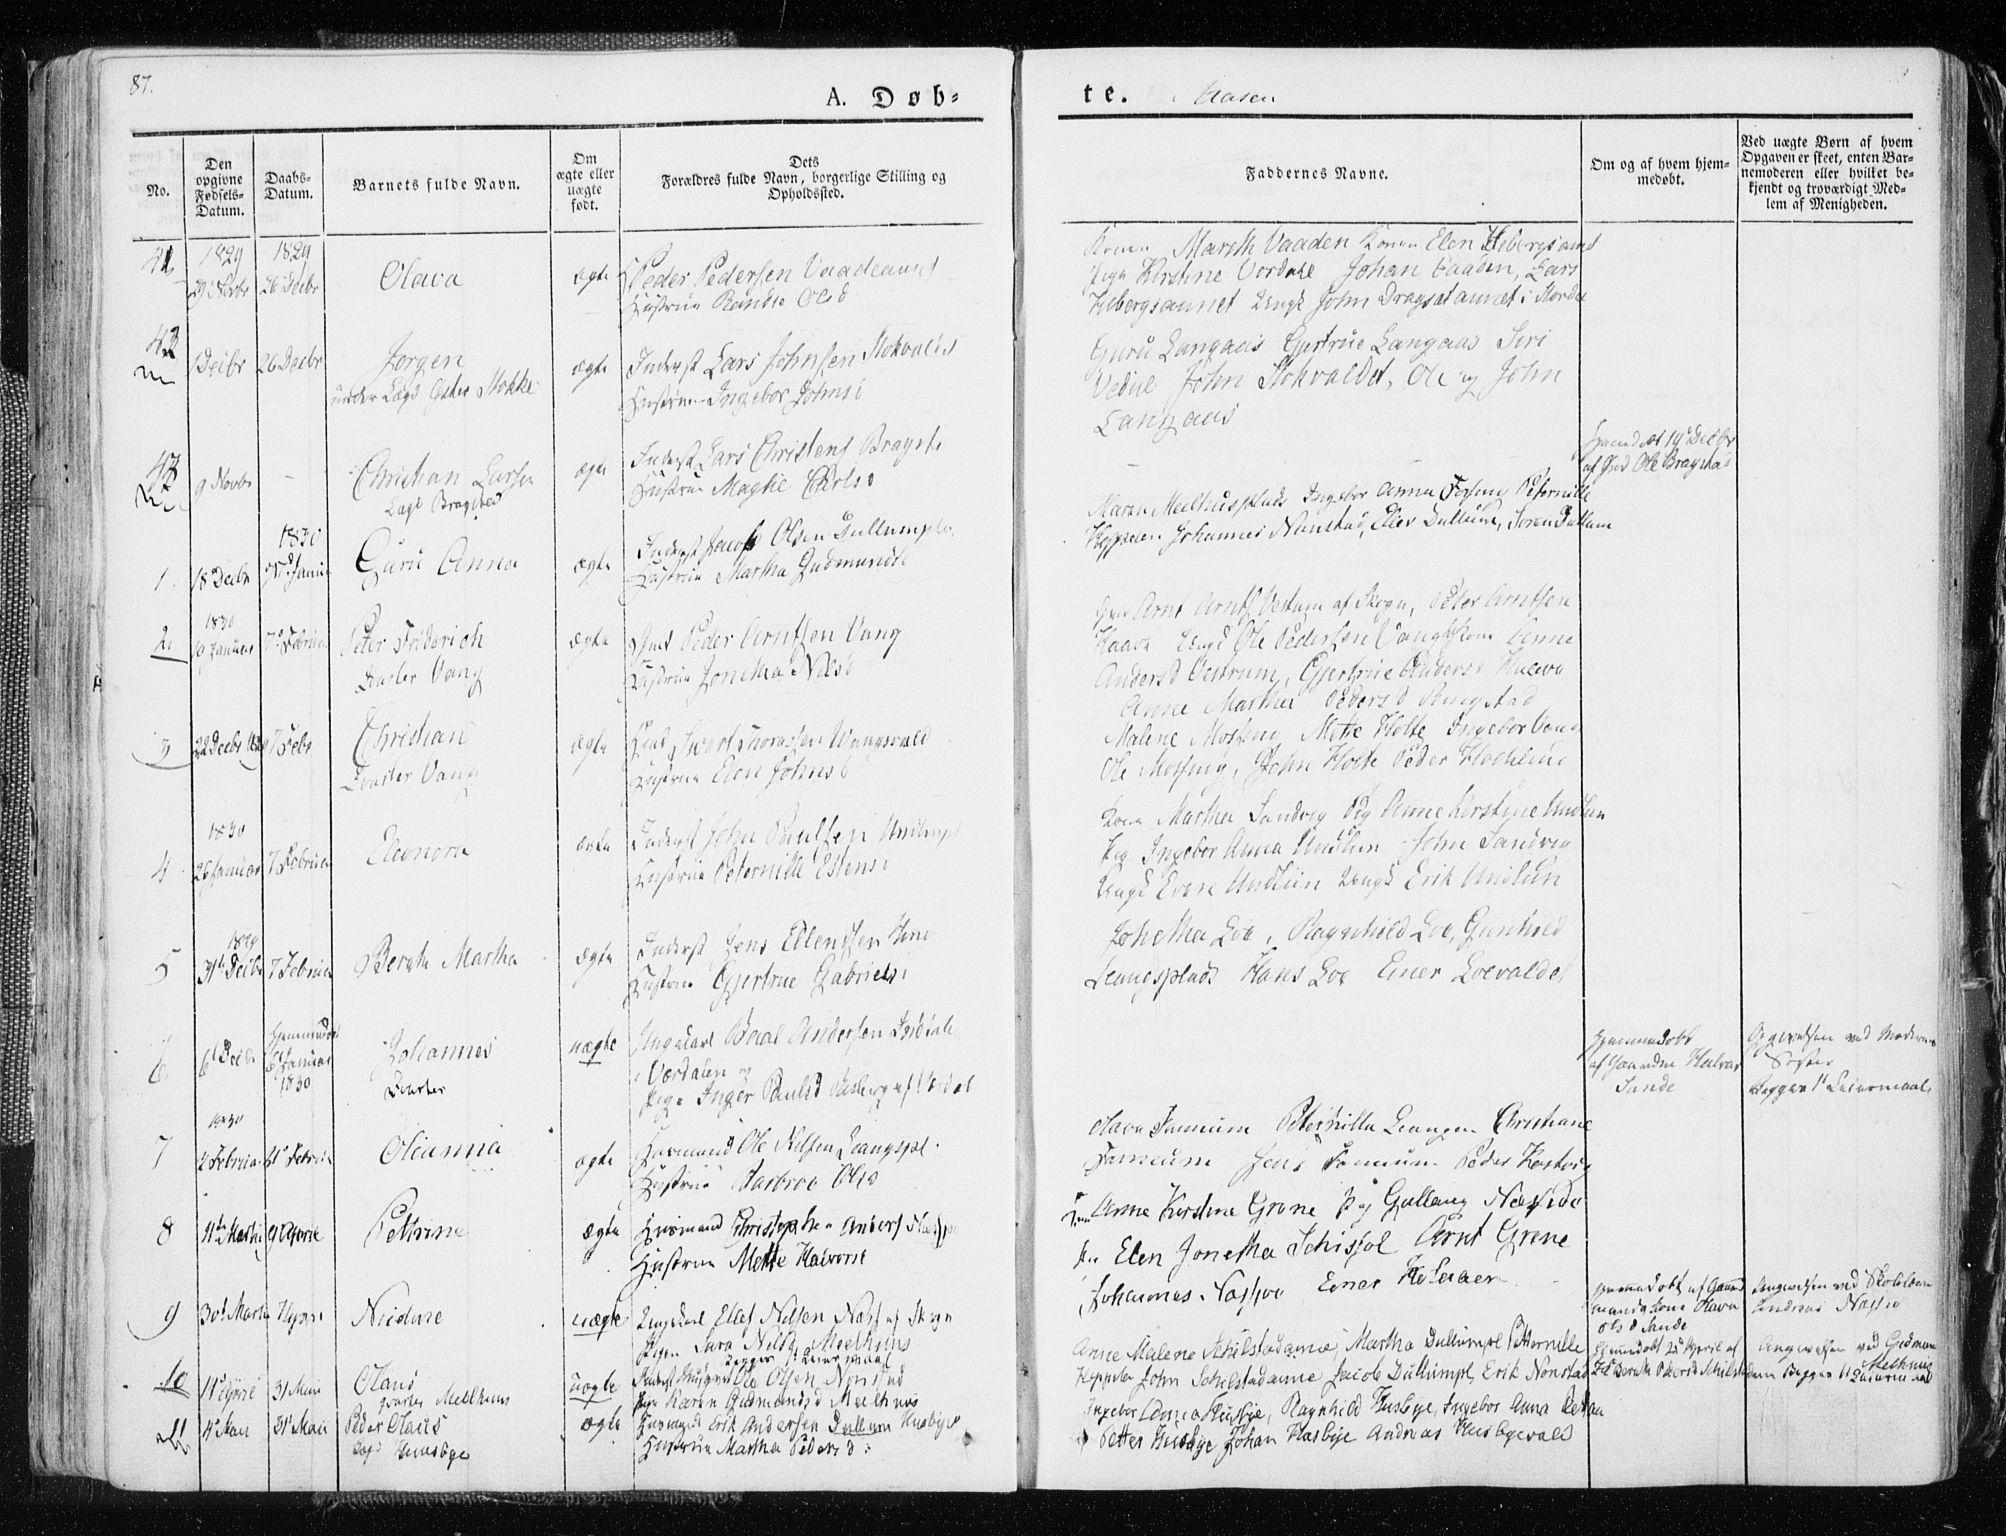 SAT, Ministerialprotokoller, klokkerbøker og fødselsregistre - Nord-Trøndelag, 713/L0114: Ministerialbok nr. 713A05, 1827-1839, s. 87